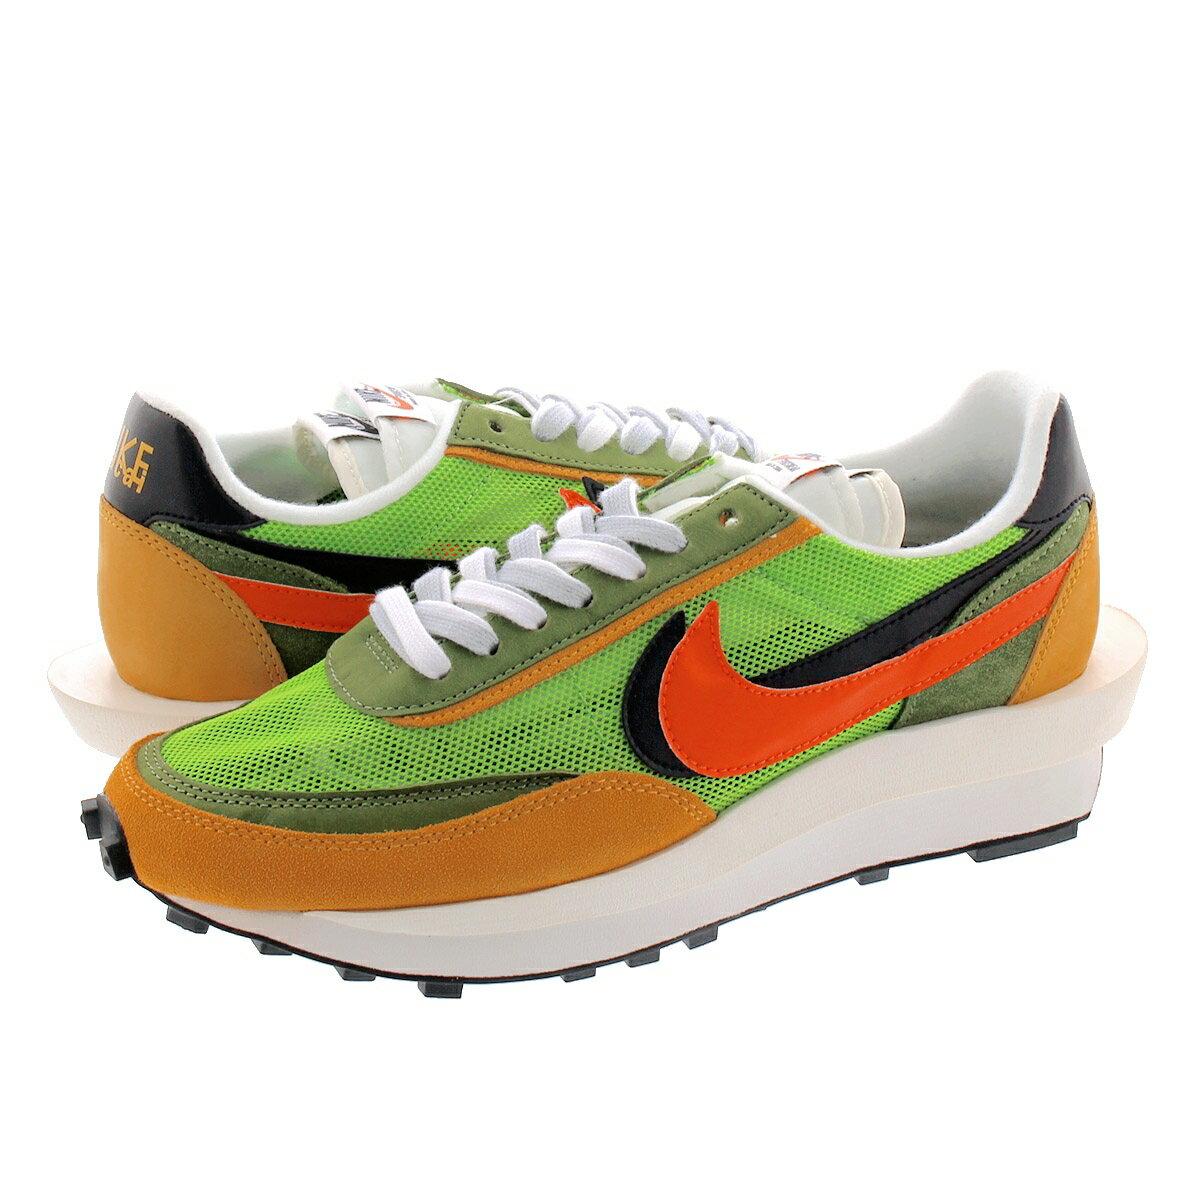 メンズ靴, スニーカー sacai x NIKE LD WAFFLE x LD GREEN GUSTOSAFETY ORANGE bv0073-300